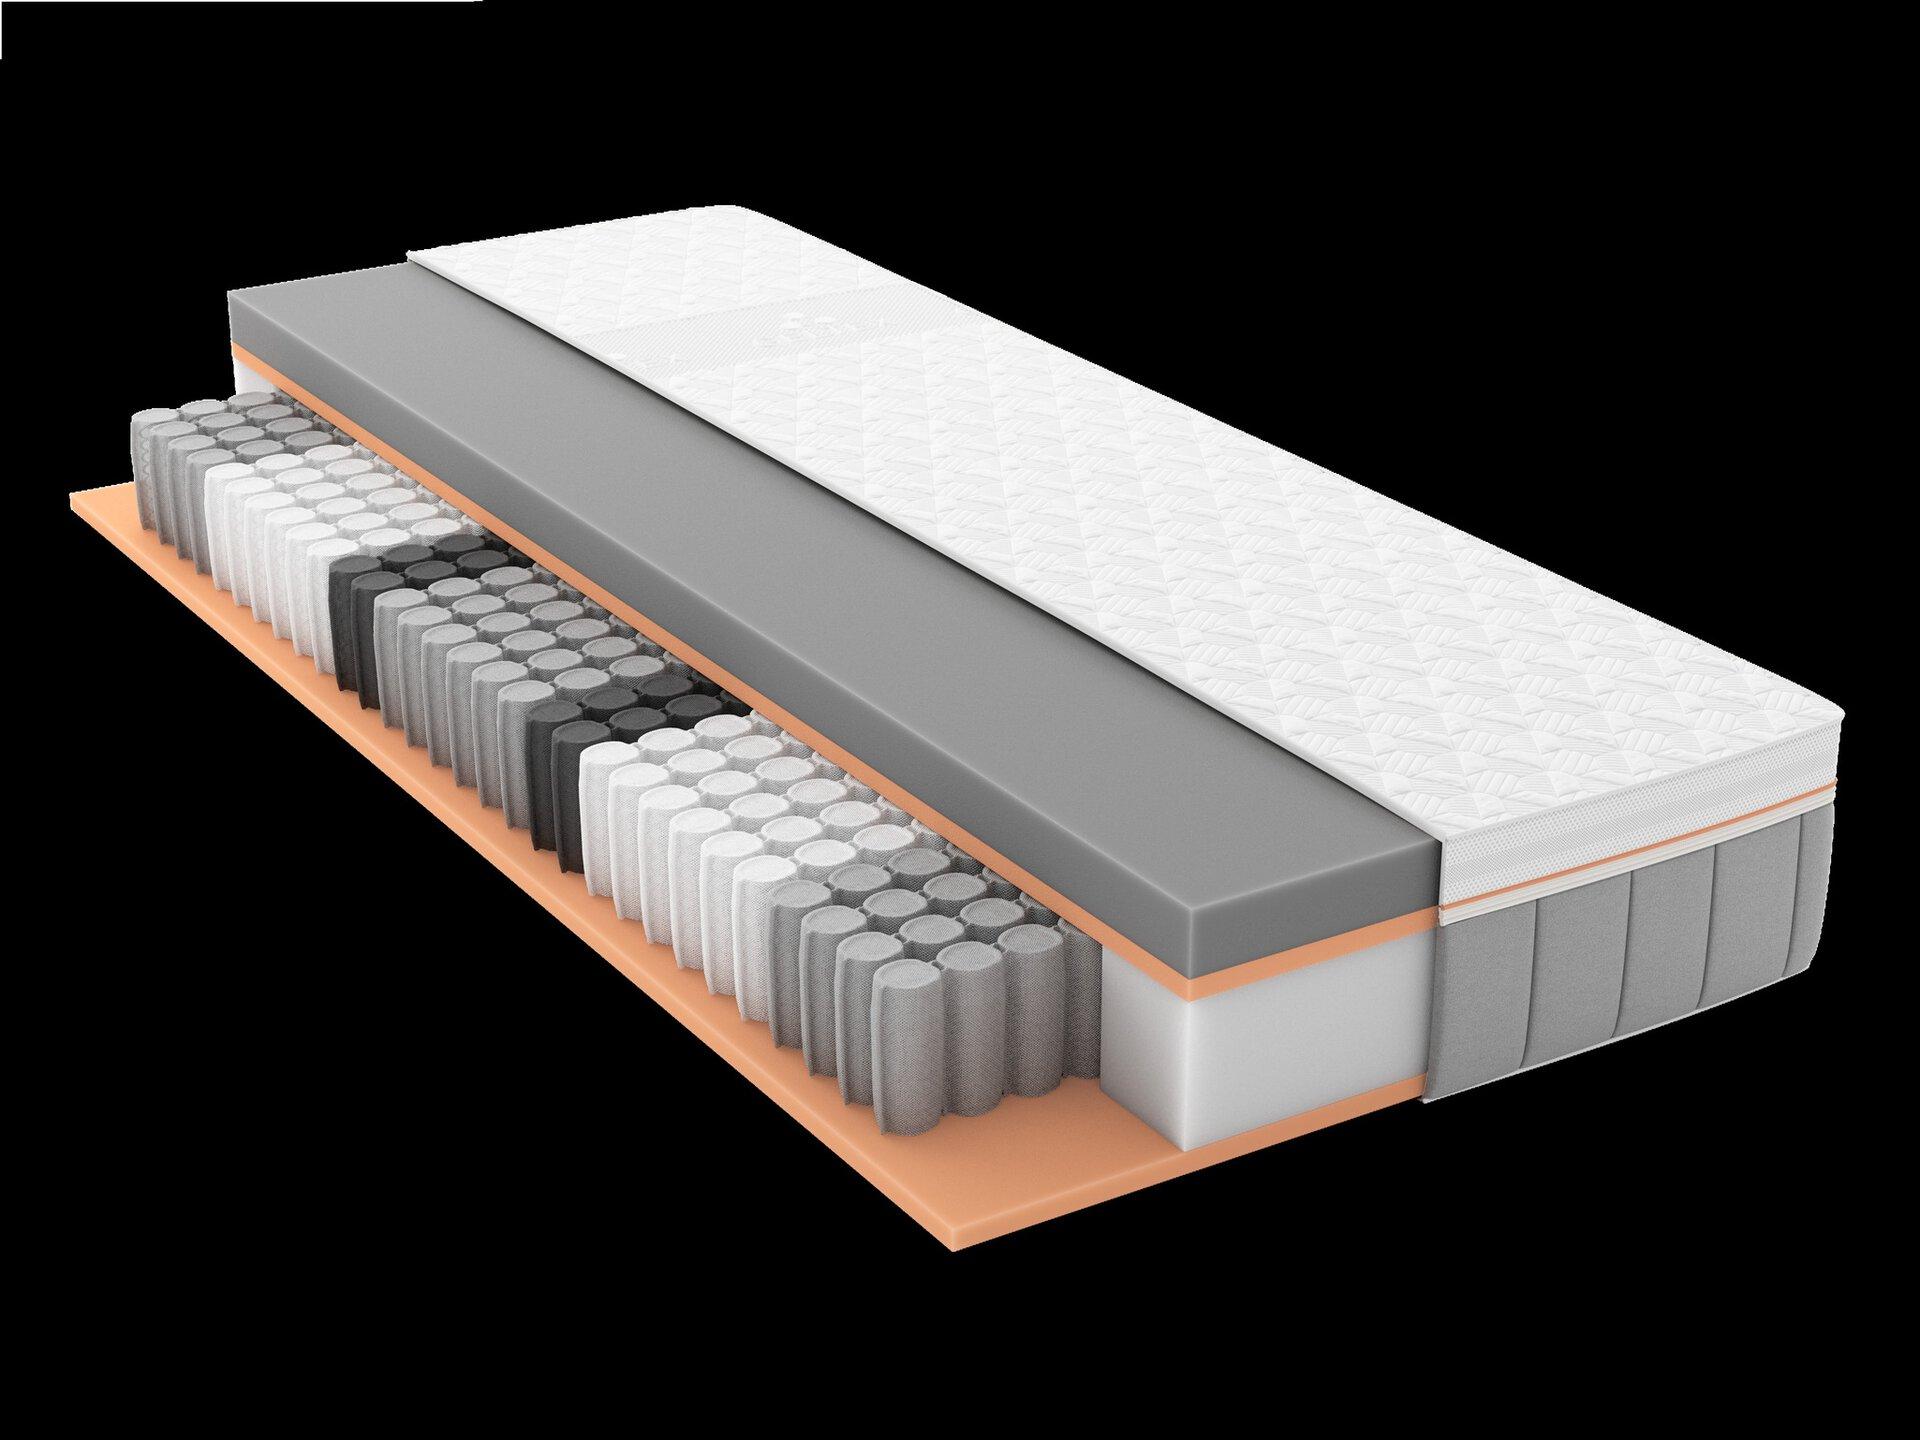 Taschenfederkernmatratze GELTEX Starline X12 TFK H2 Schlaraffia Textil weiß 1 x 2 cm